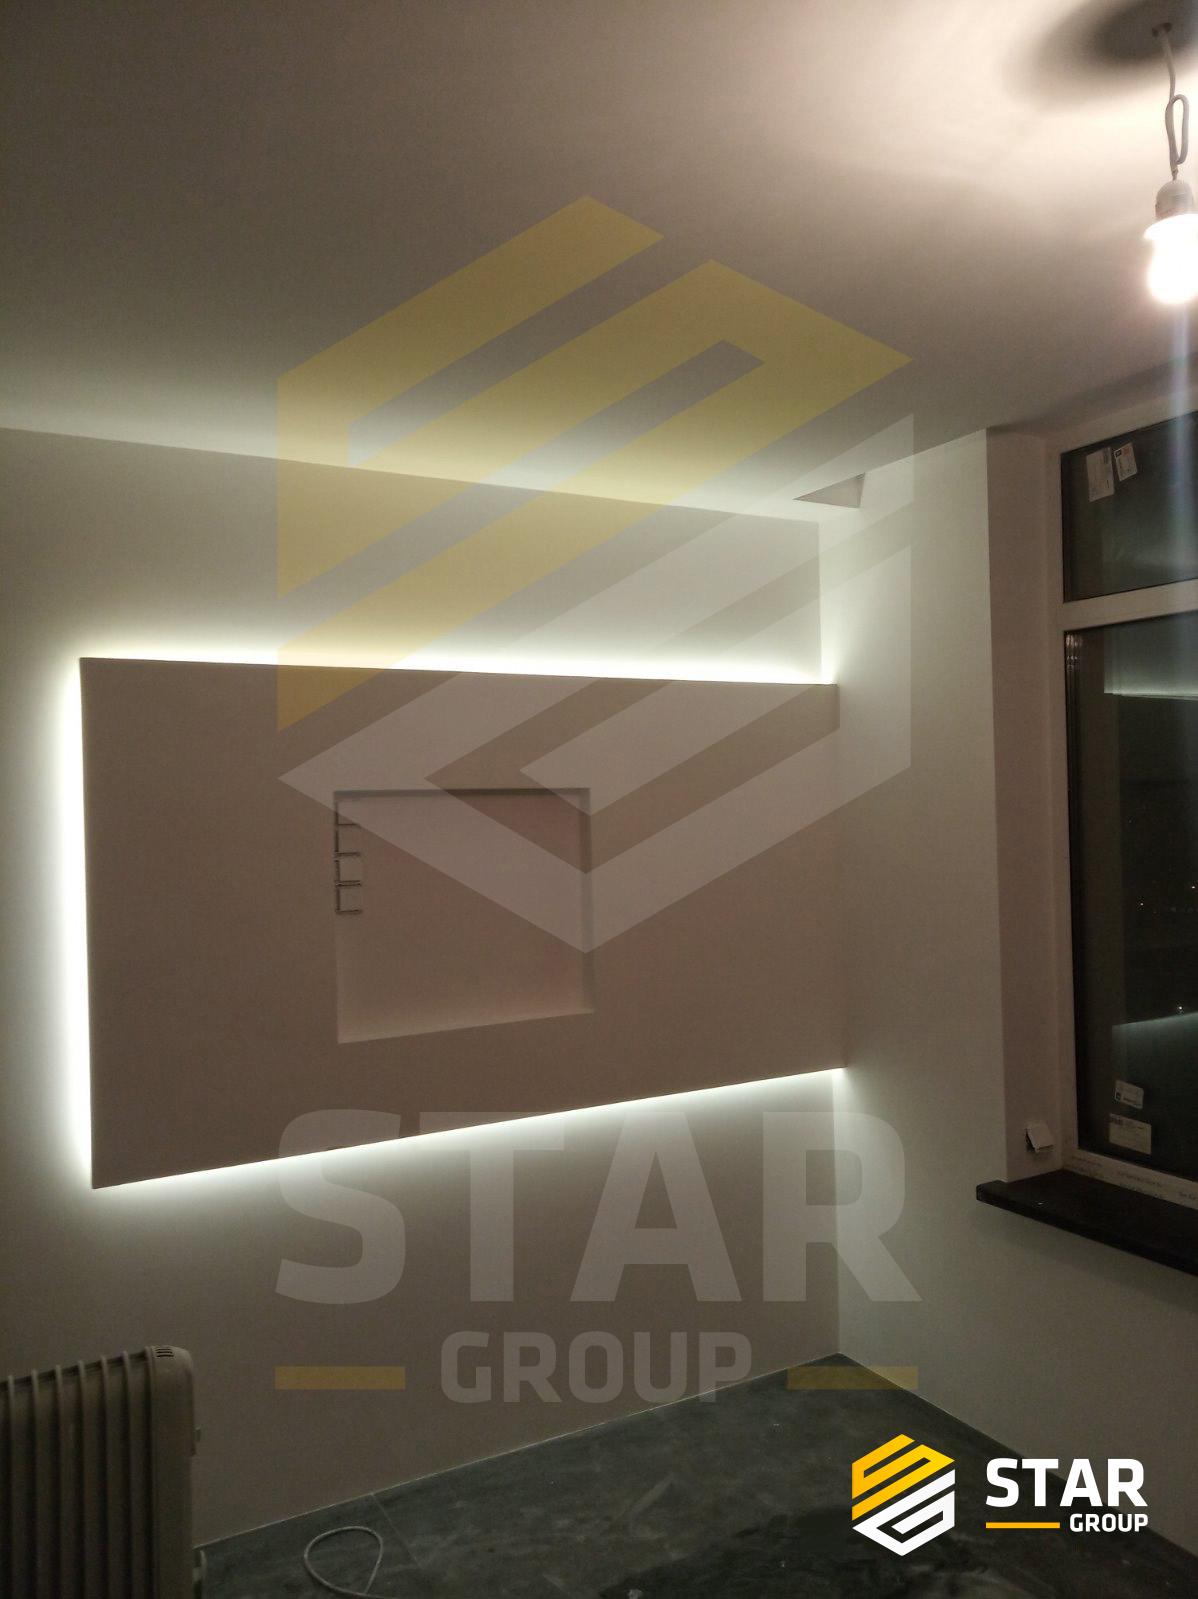 Фото Конструкция под ТВ из гипсокартона с спрятанной лэд подсветкой.